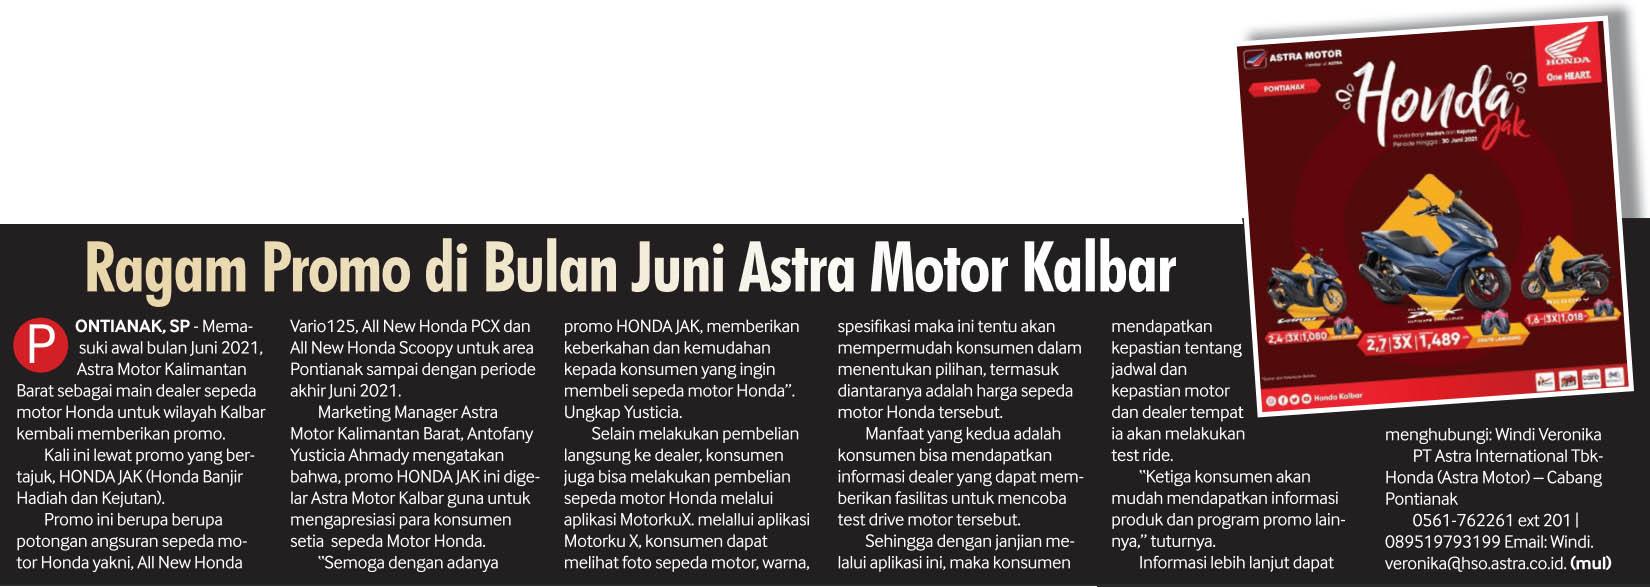 08 juni 2021 Ragam Promo di Bulan Juni Astra Motor Kalbar